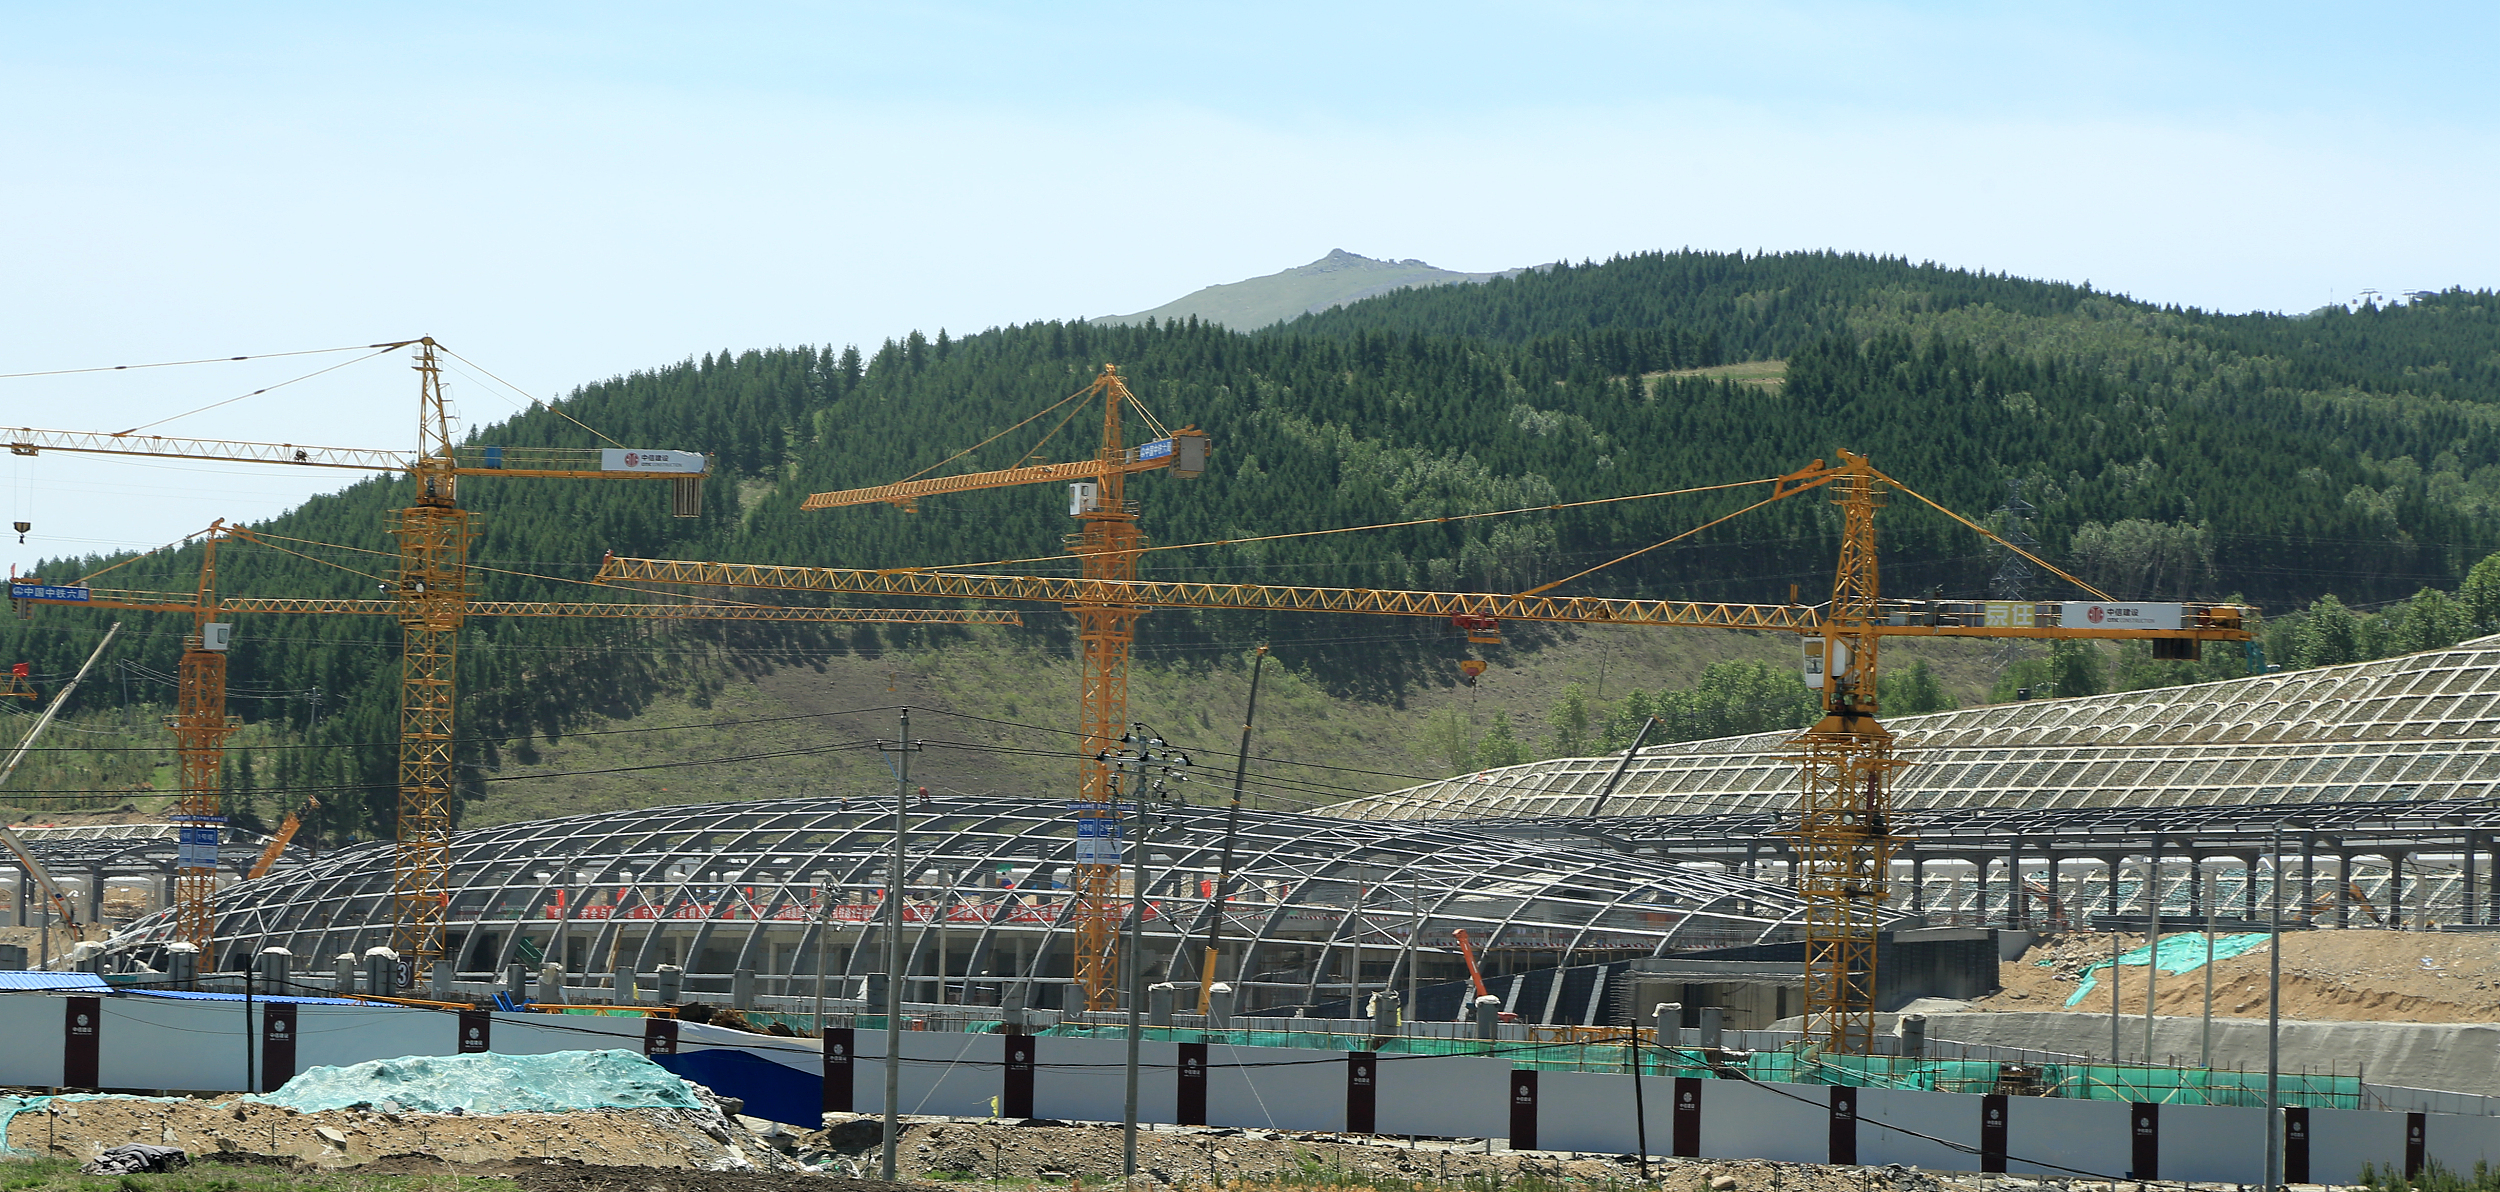 河北张家口:崇礼太子城冰雪小镇加紧建设